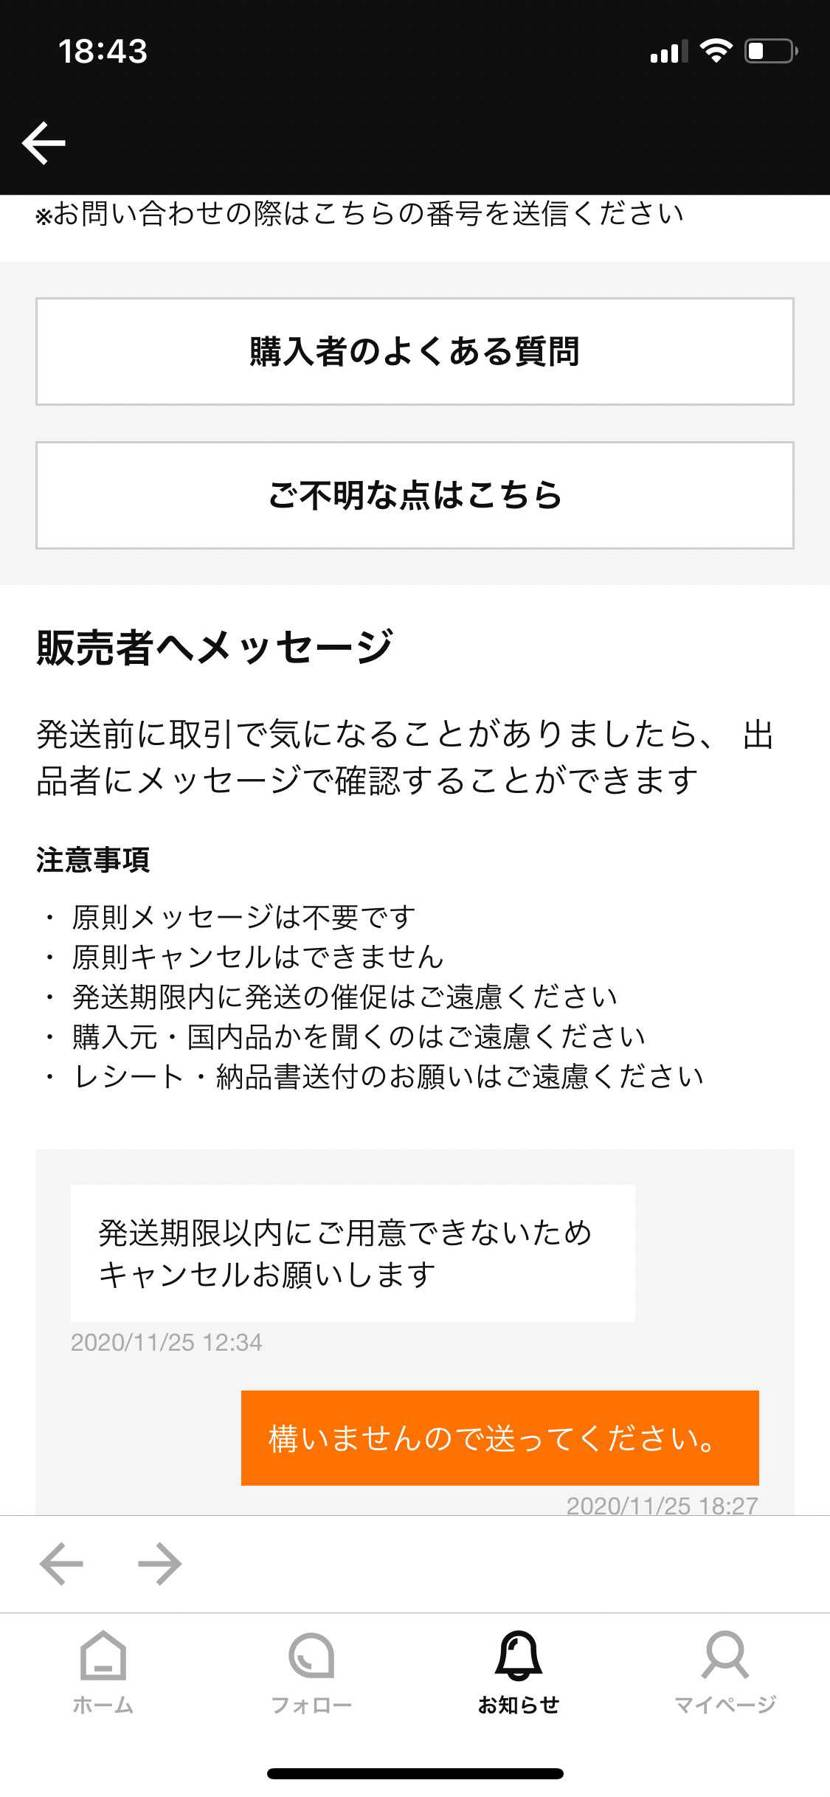 数千円上がっただけでキャンセルする出品者が多すぎる。 シンプルに常識なさすぎる